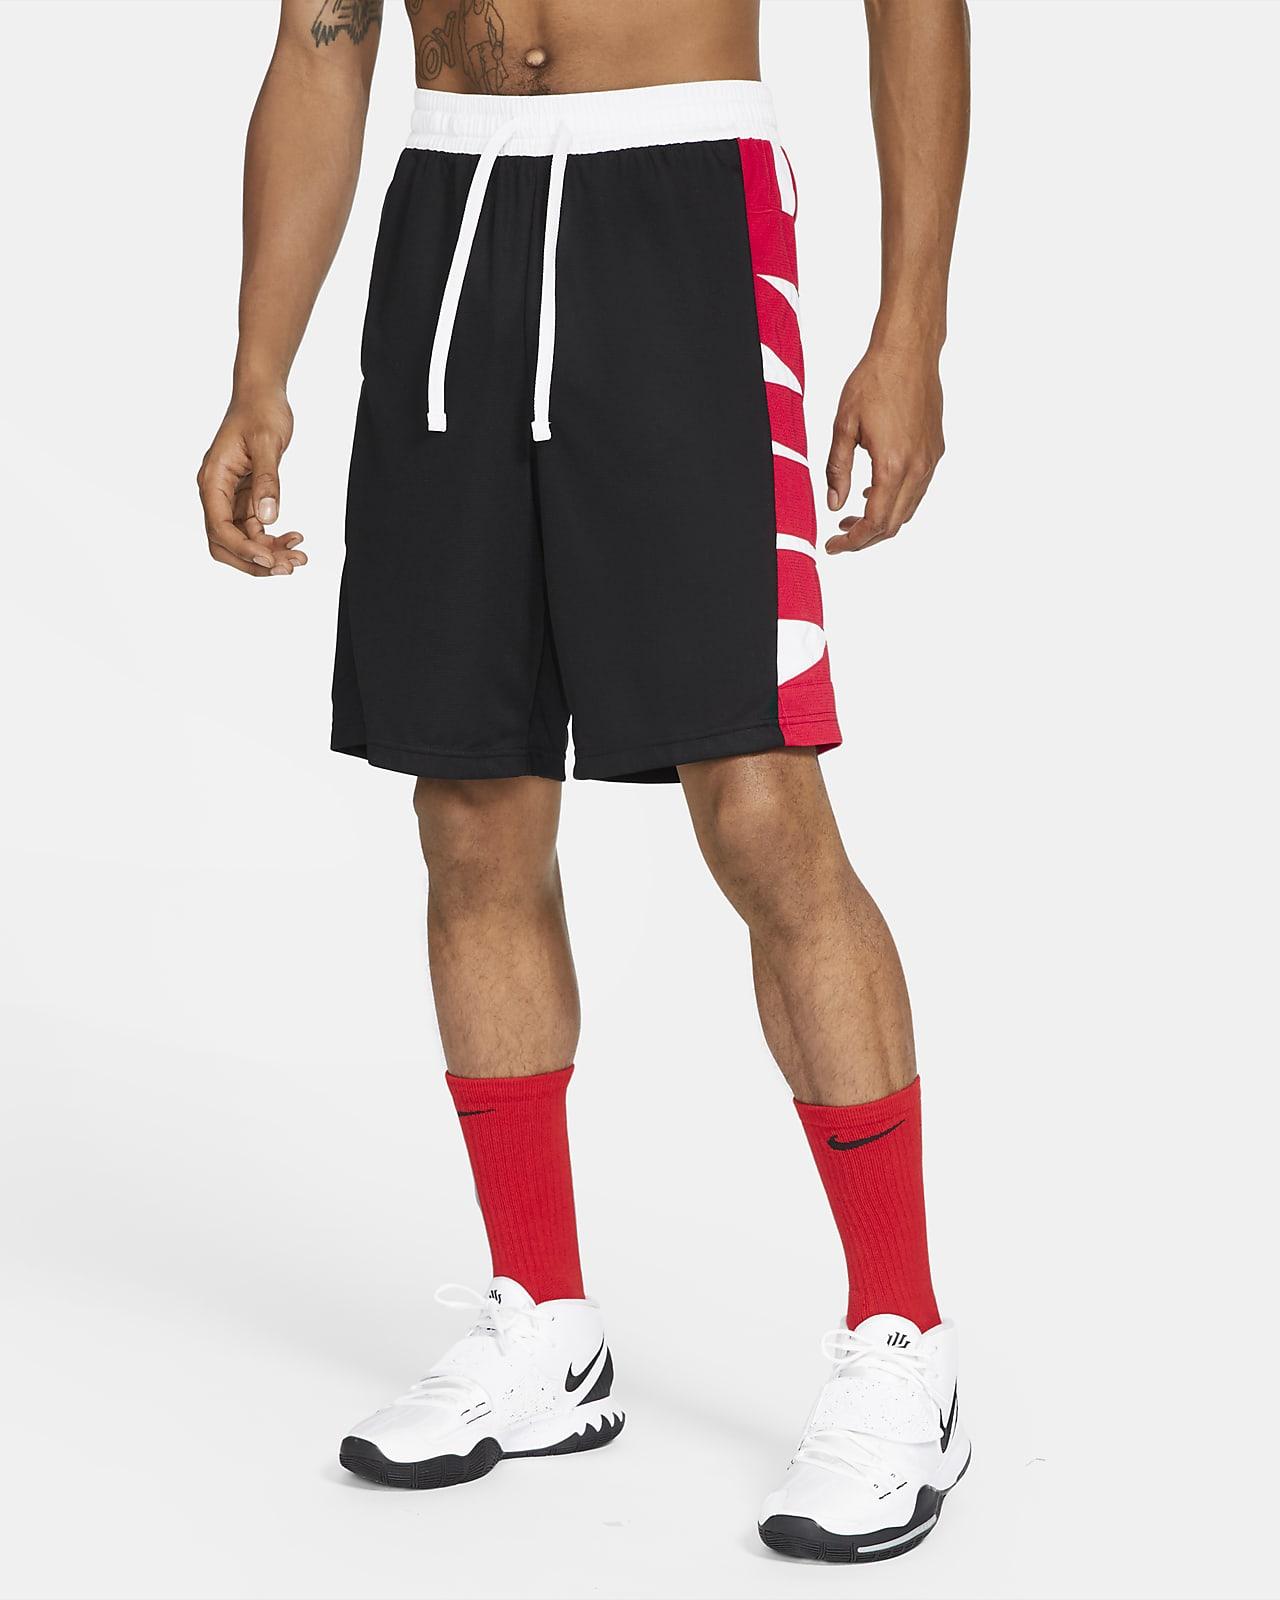 Мужские баскетбольные шорты Nike Dri-FIT